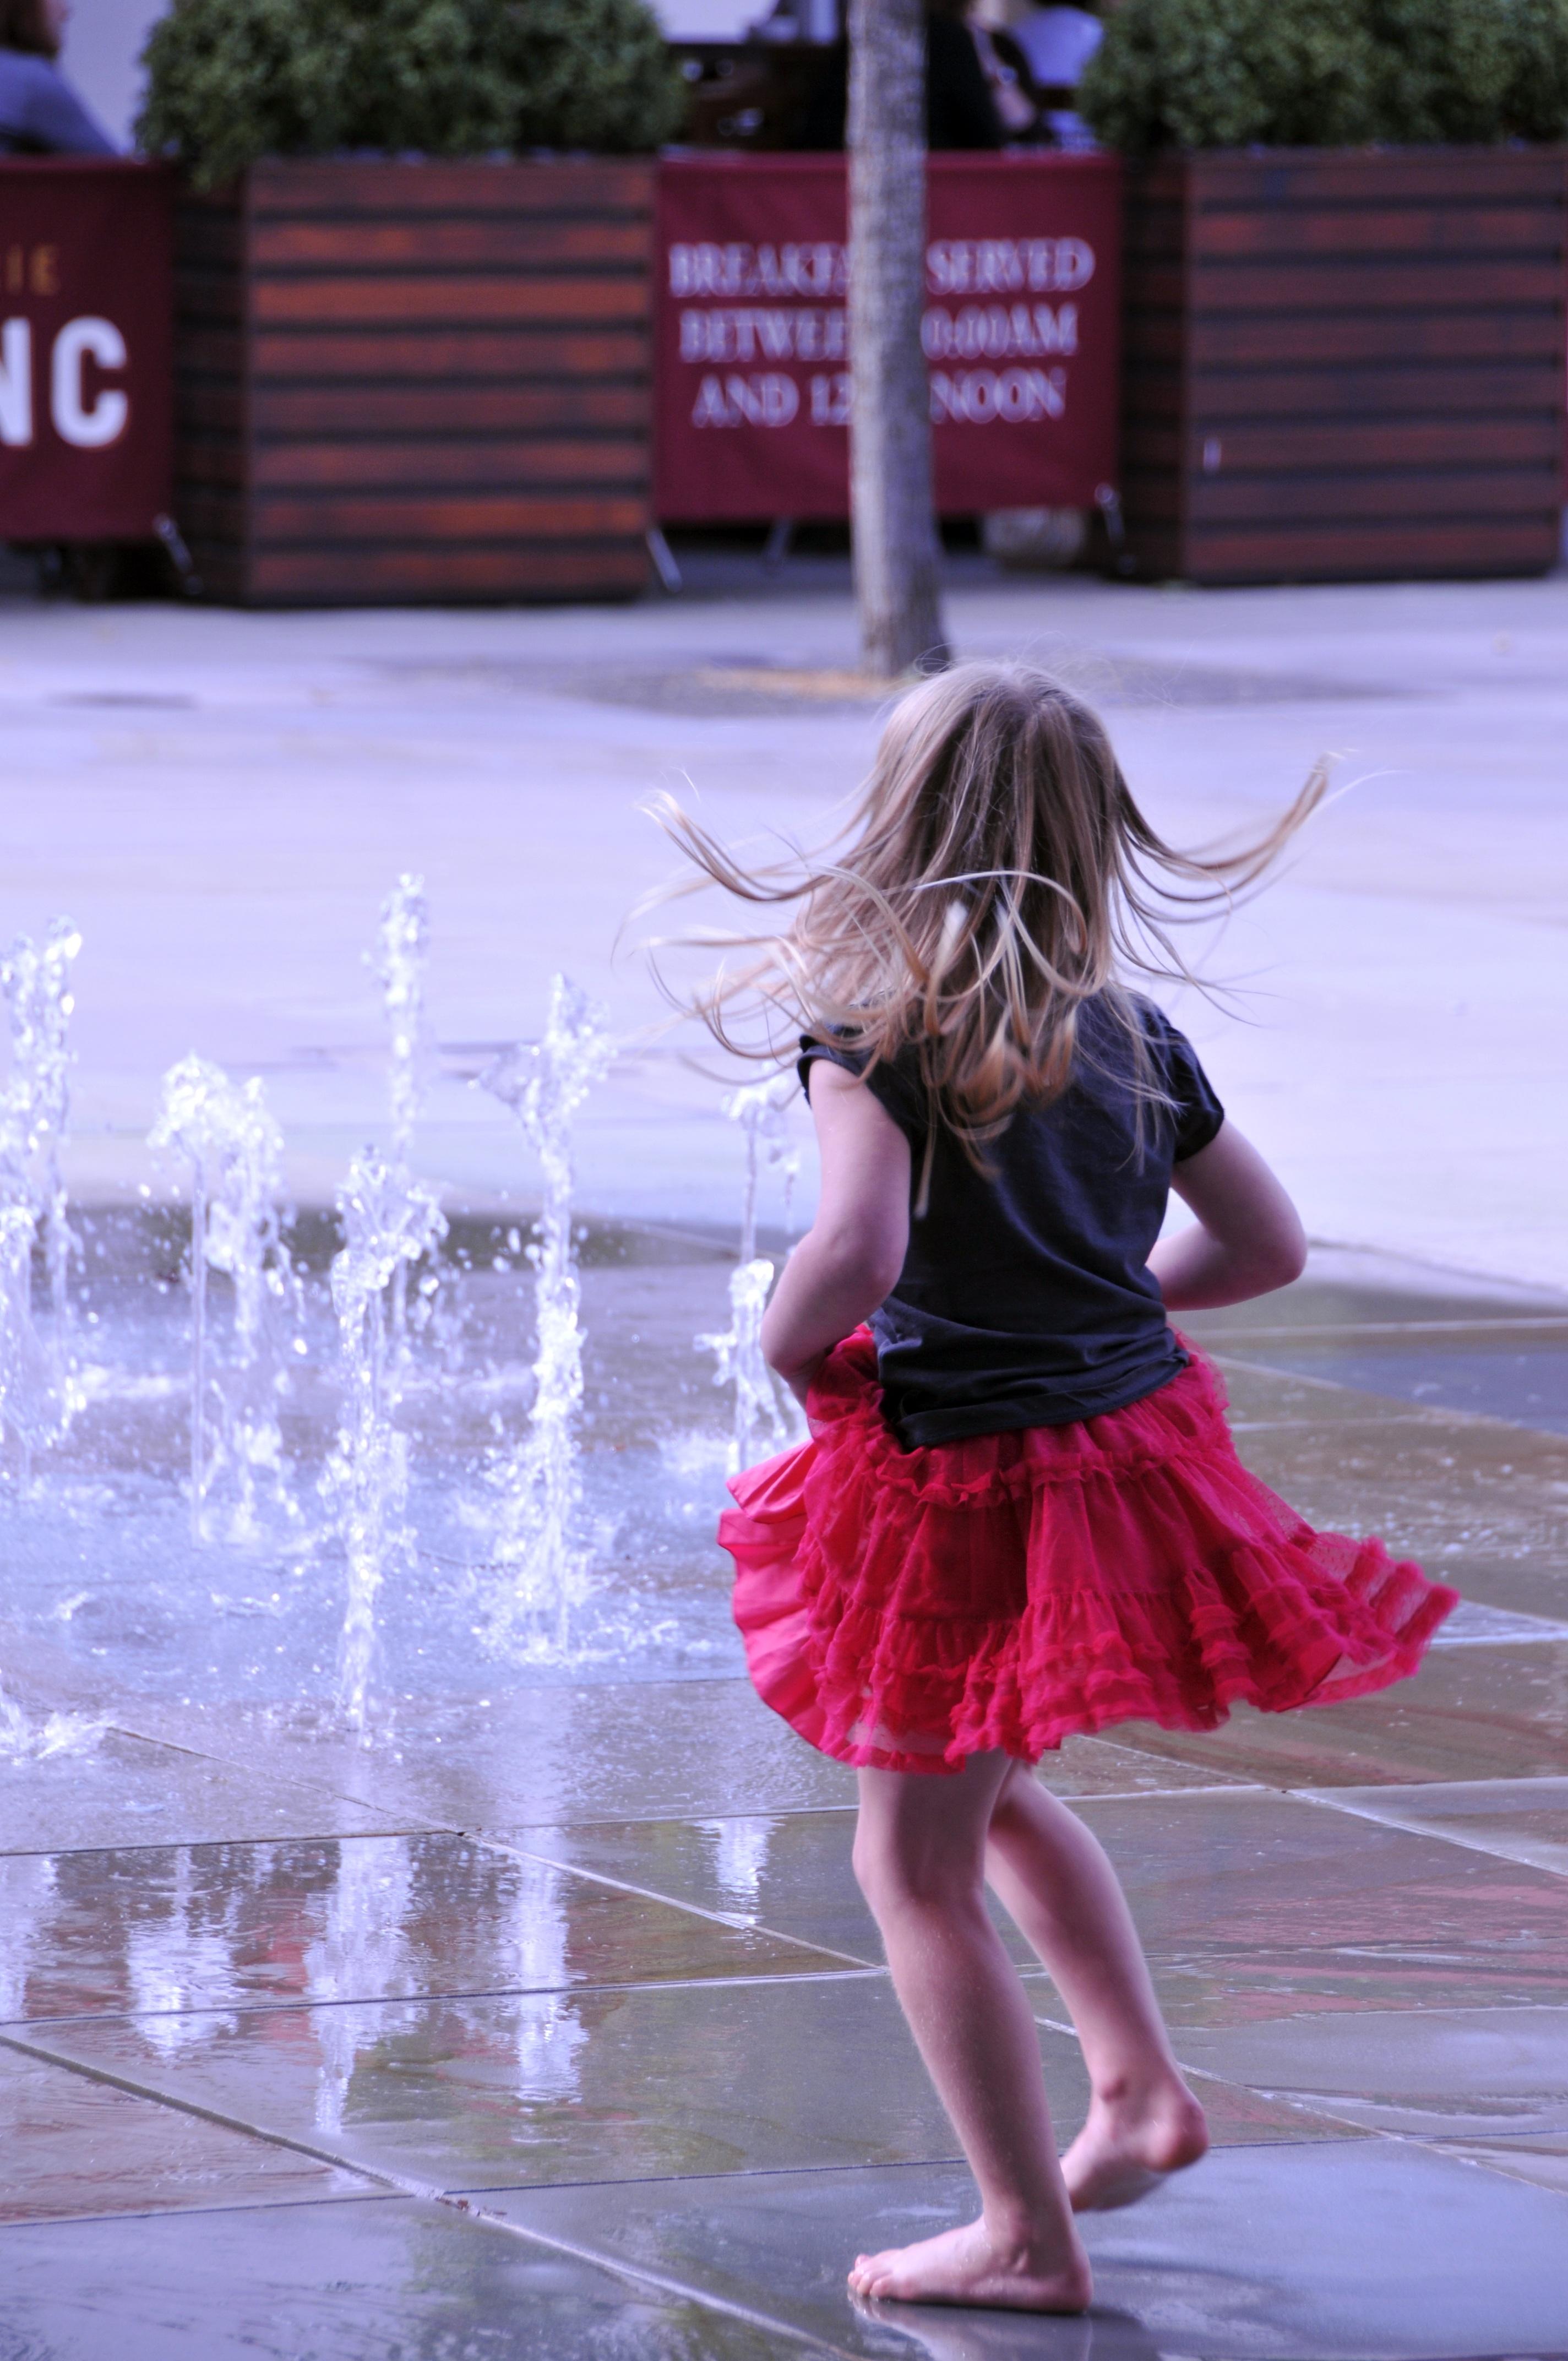 Fotos gratis : persona, niña, baile, modelo, Moda, ropa, dama ...